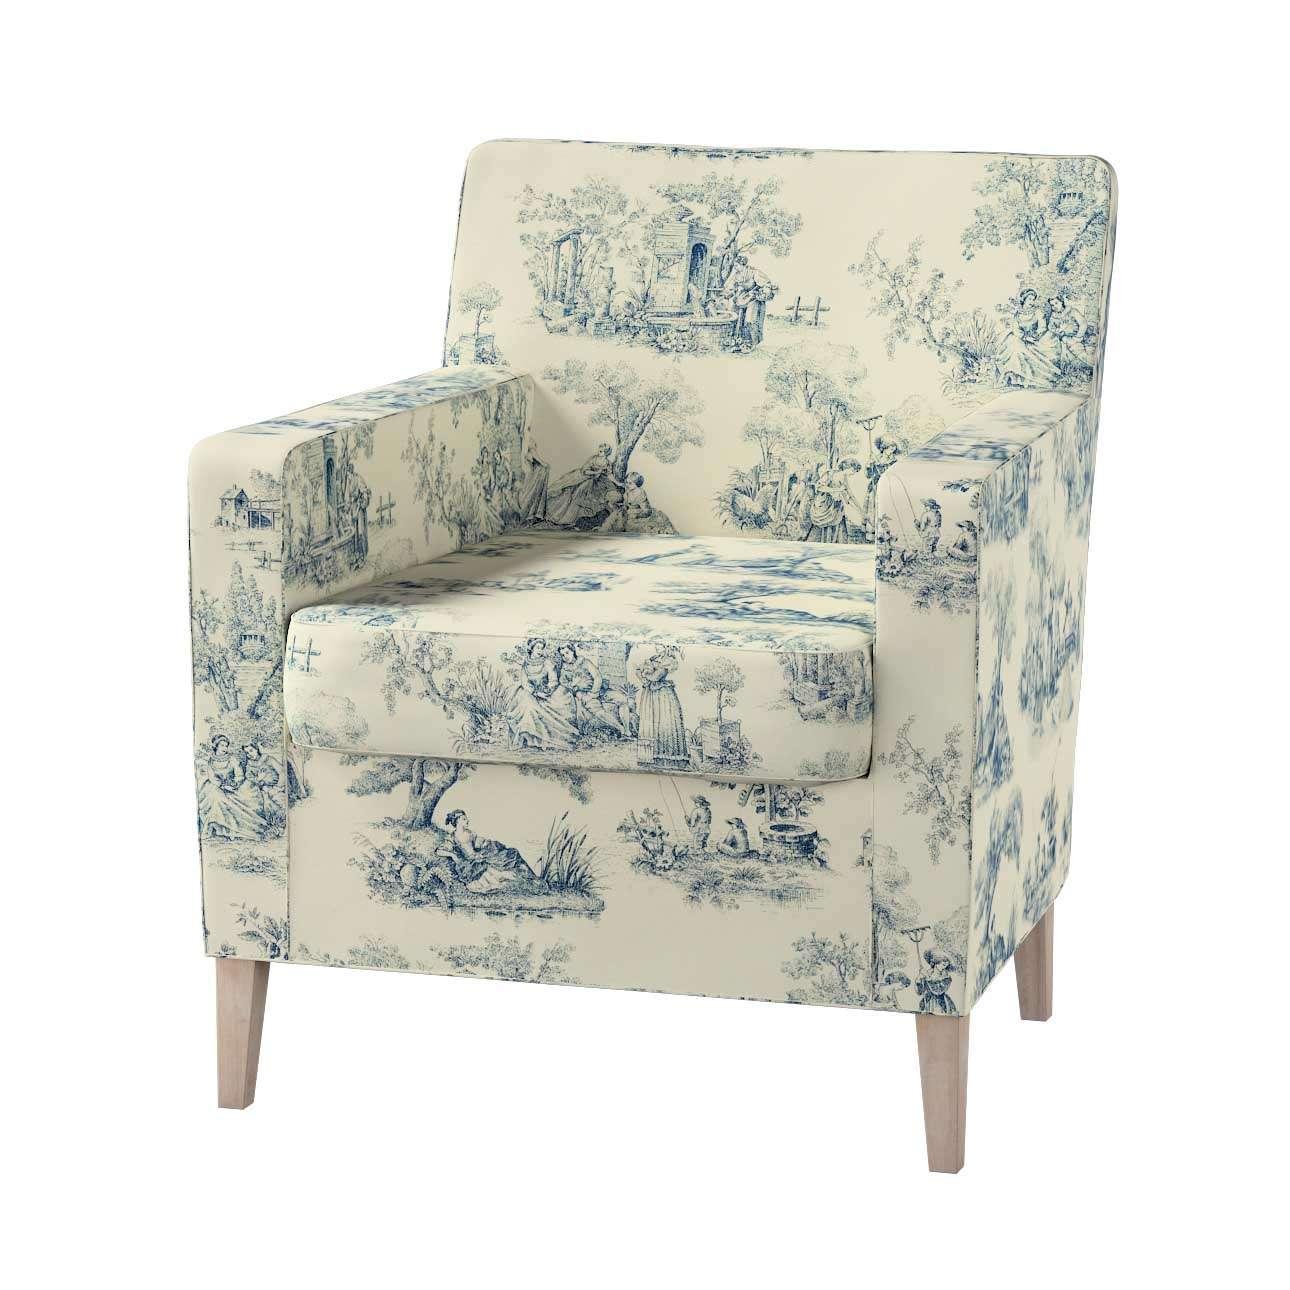 Karlstad fotelio-kėdės užvalkalas Karlstad fotelio - kėdės užvalkalas kolekcijoje Avinon, audinys: 132-66